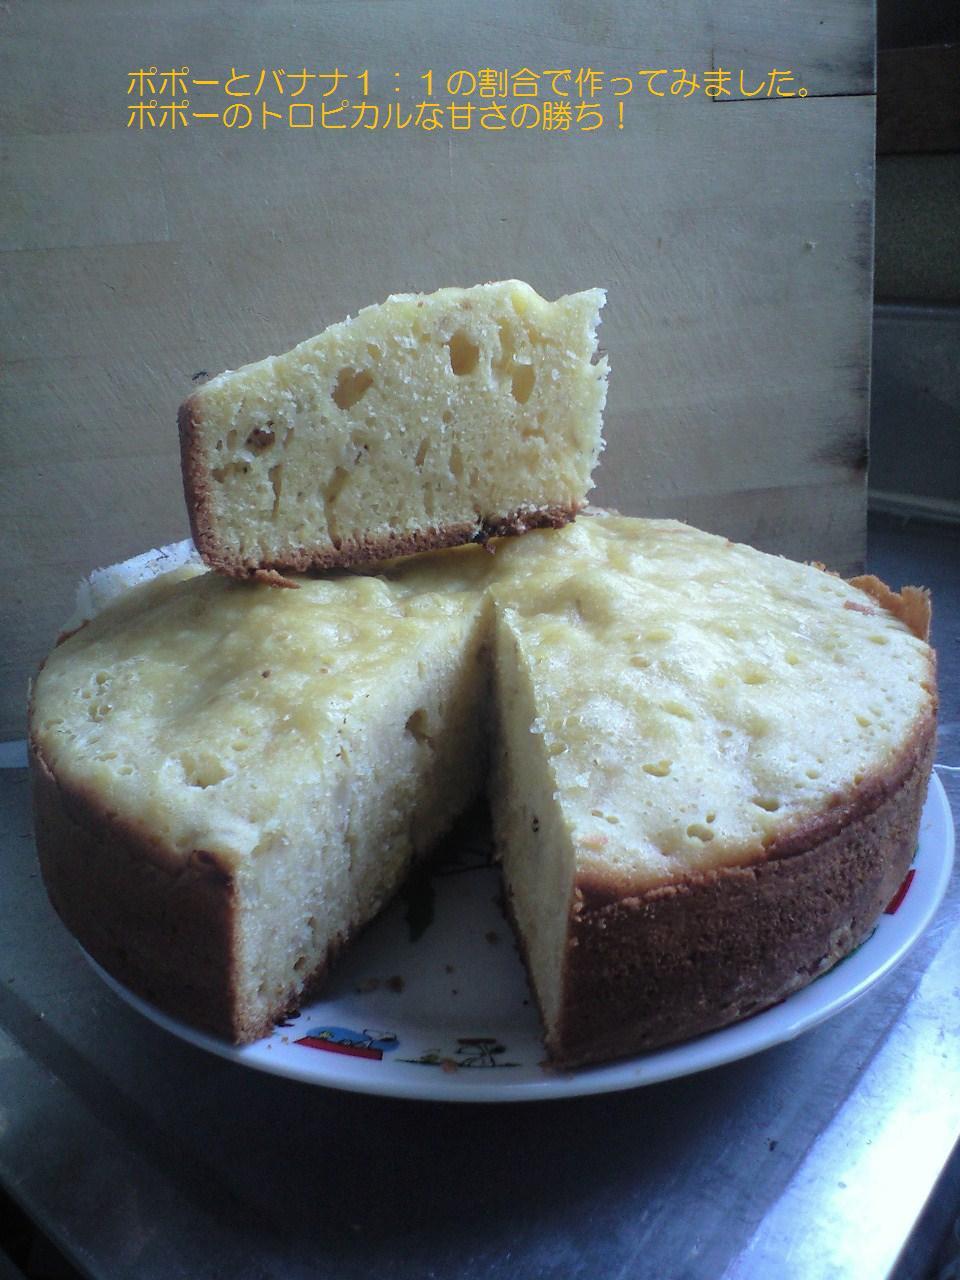 ポポーケーキの断面図